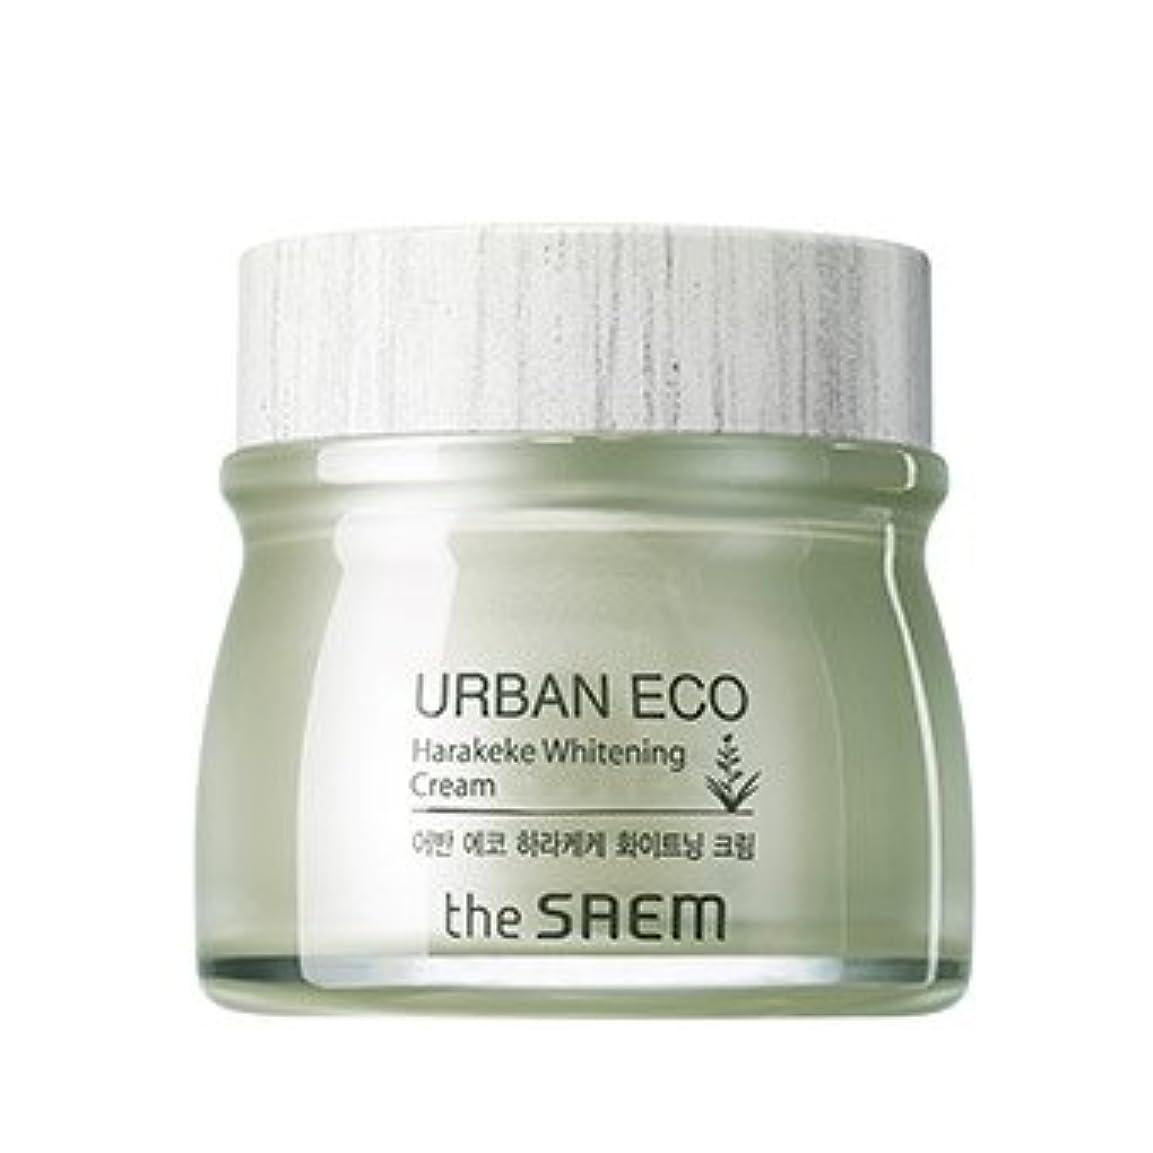 化学者彫刻イブニングthe SAEM Urban Eco Harakeke Whitening Cream 60ml/ザセム アーバン エコ ハラケケ ホワイトニング クリーム 60ml